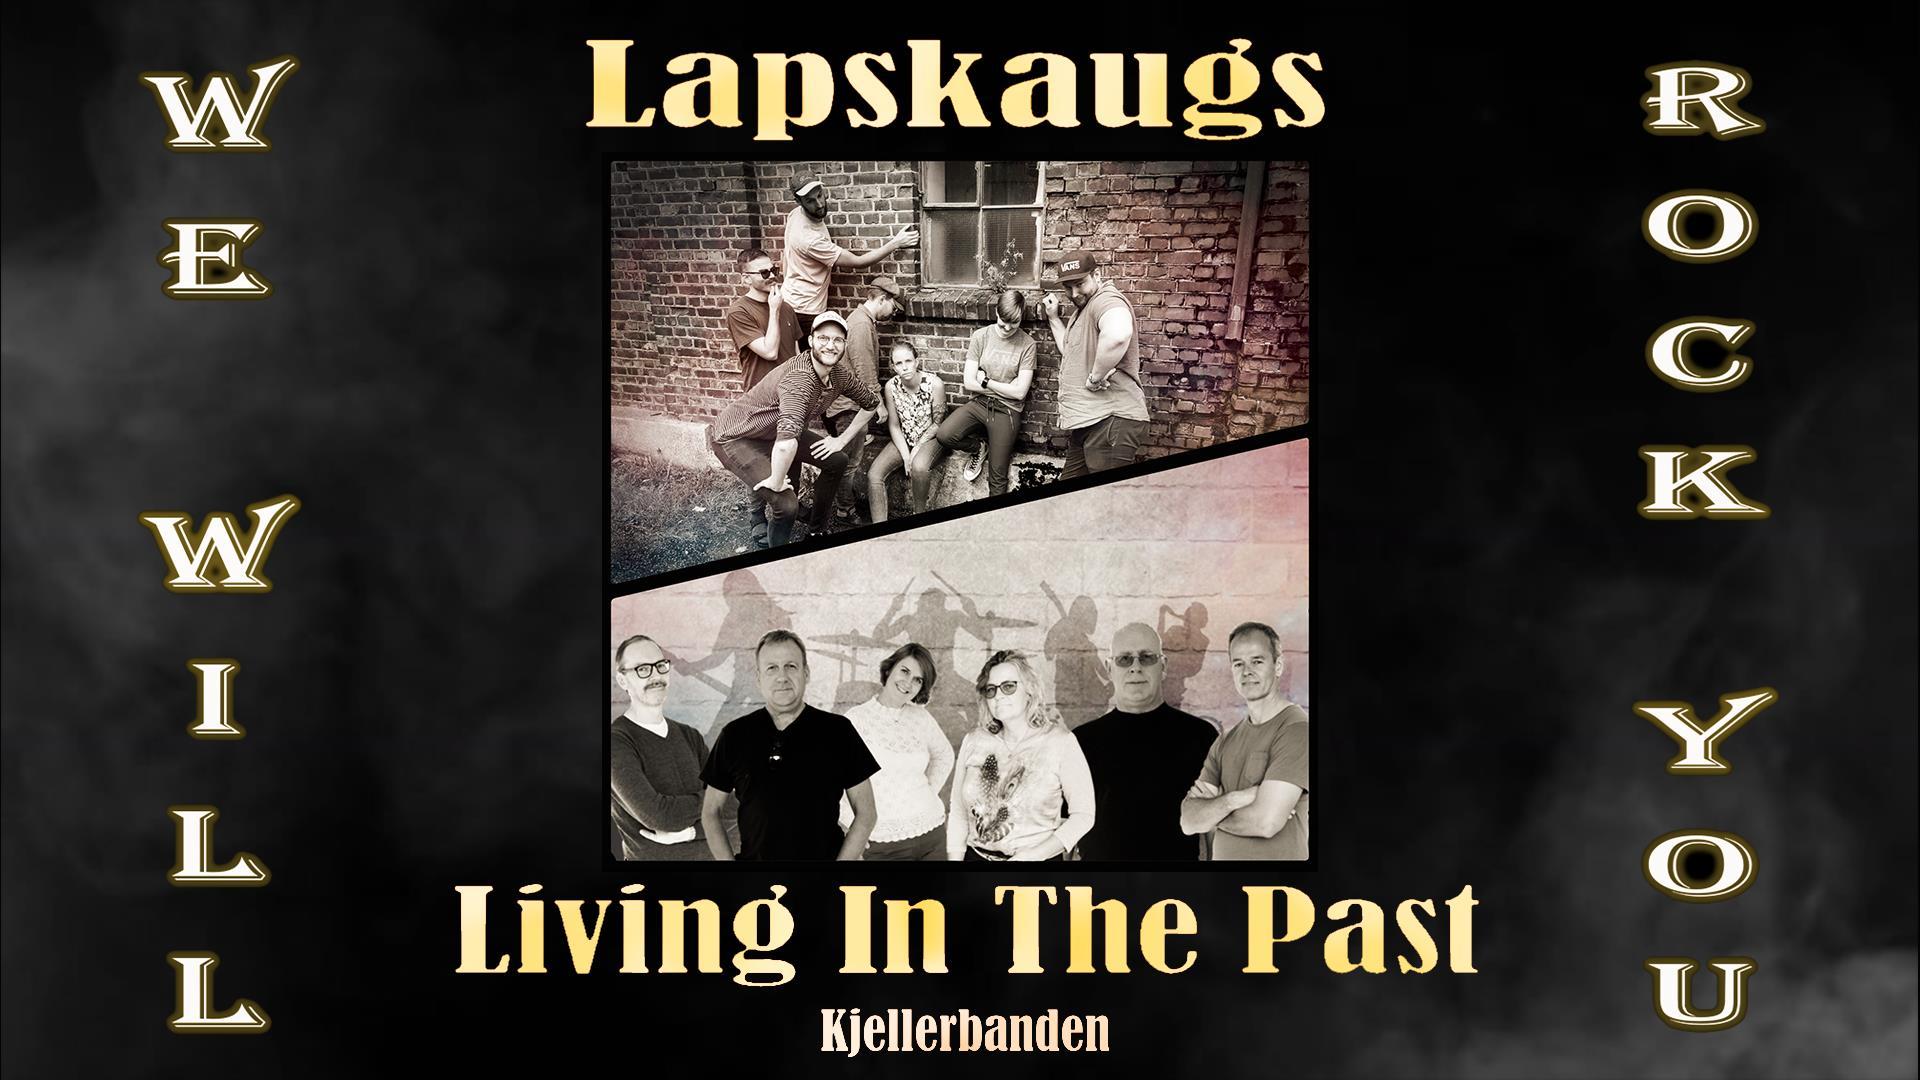 Lapskaugs + Living in the past – Kjellerbanden